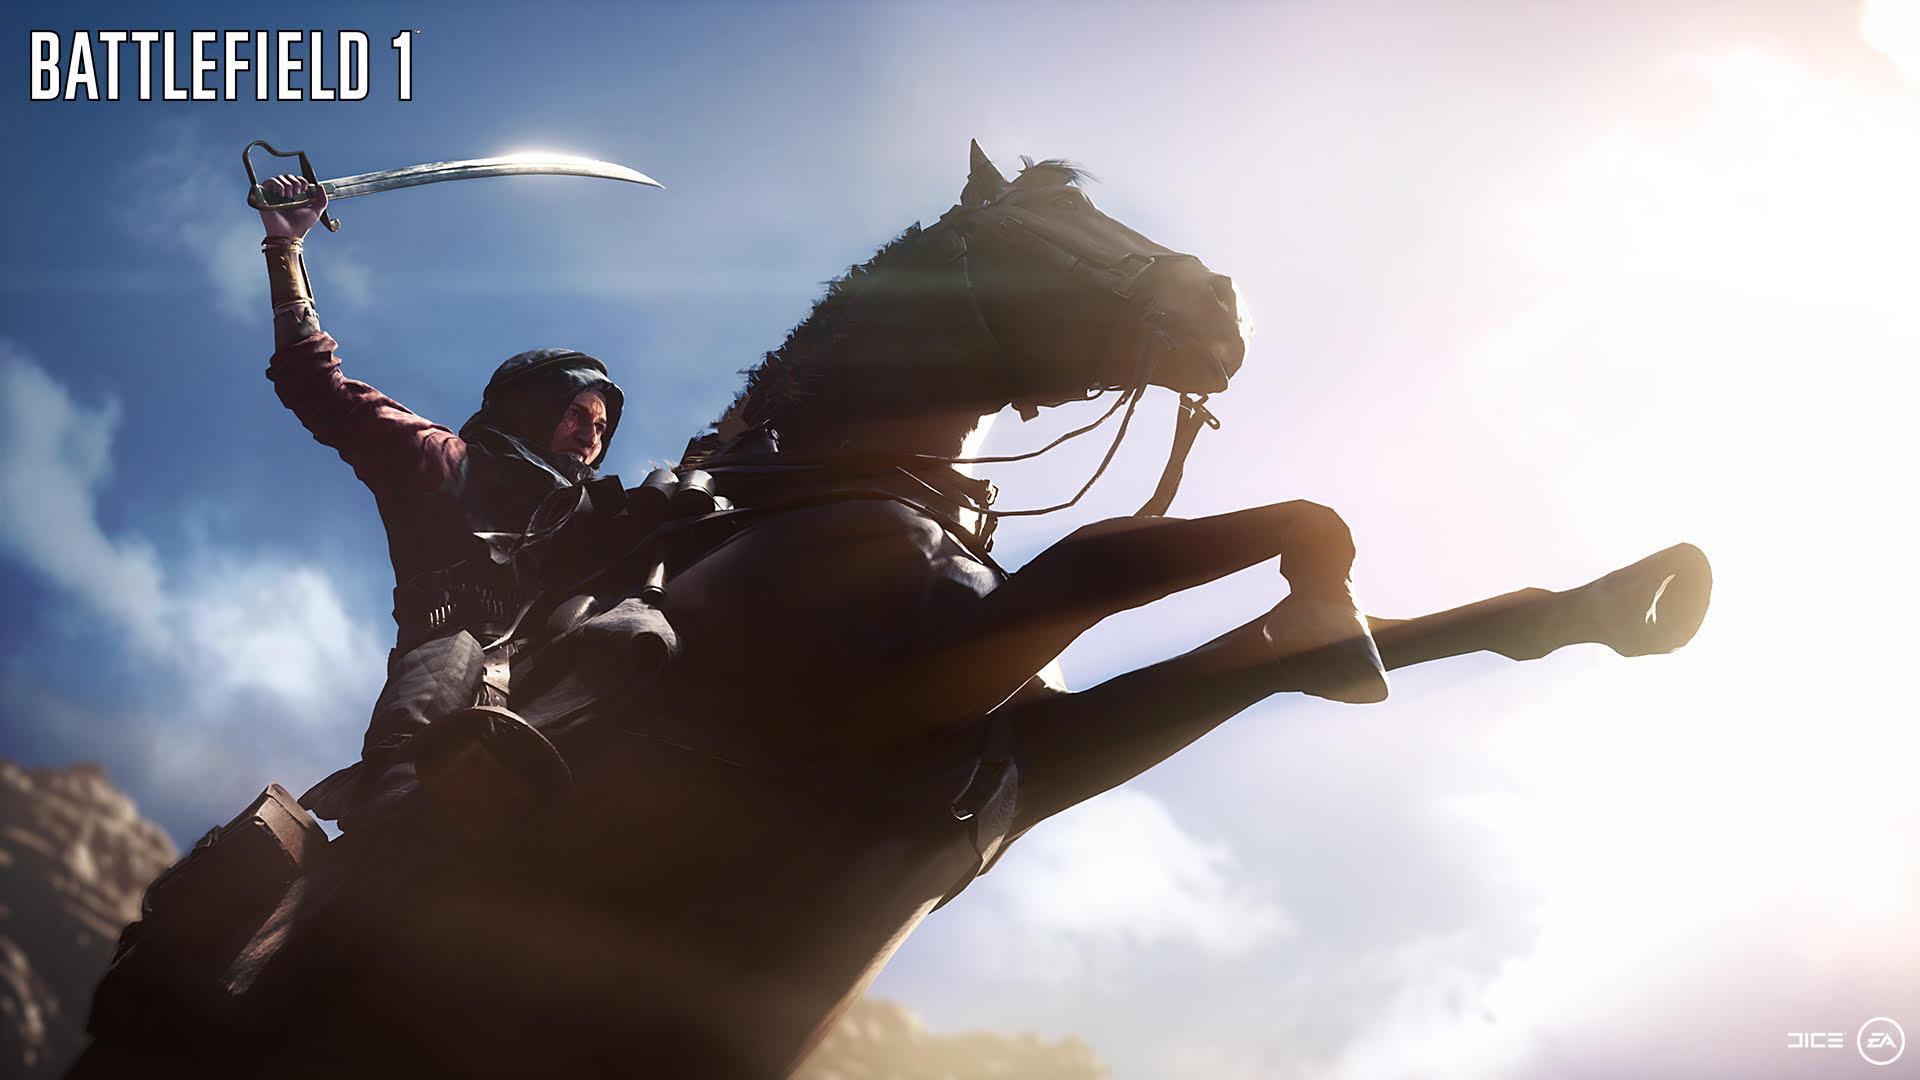 nieuwe screenshots van Battlefield 1